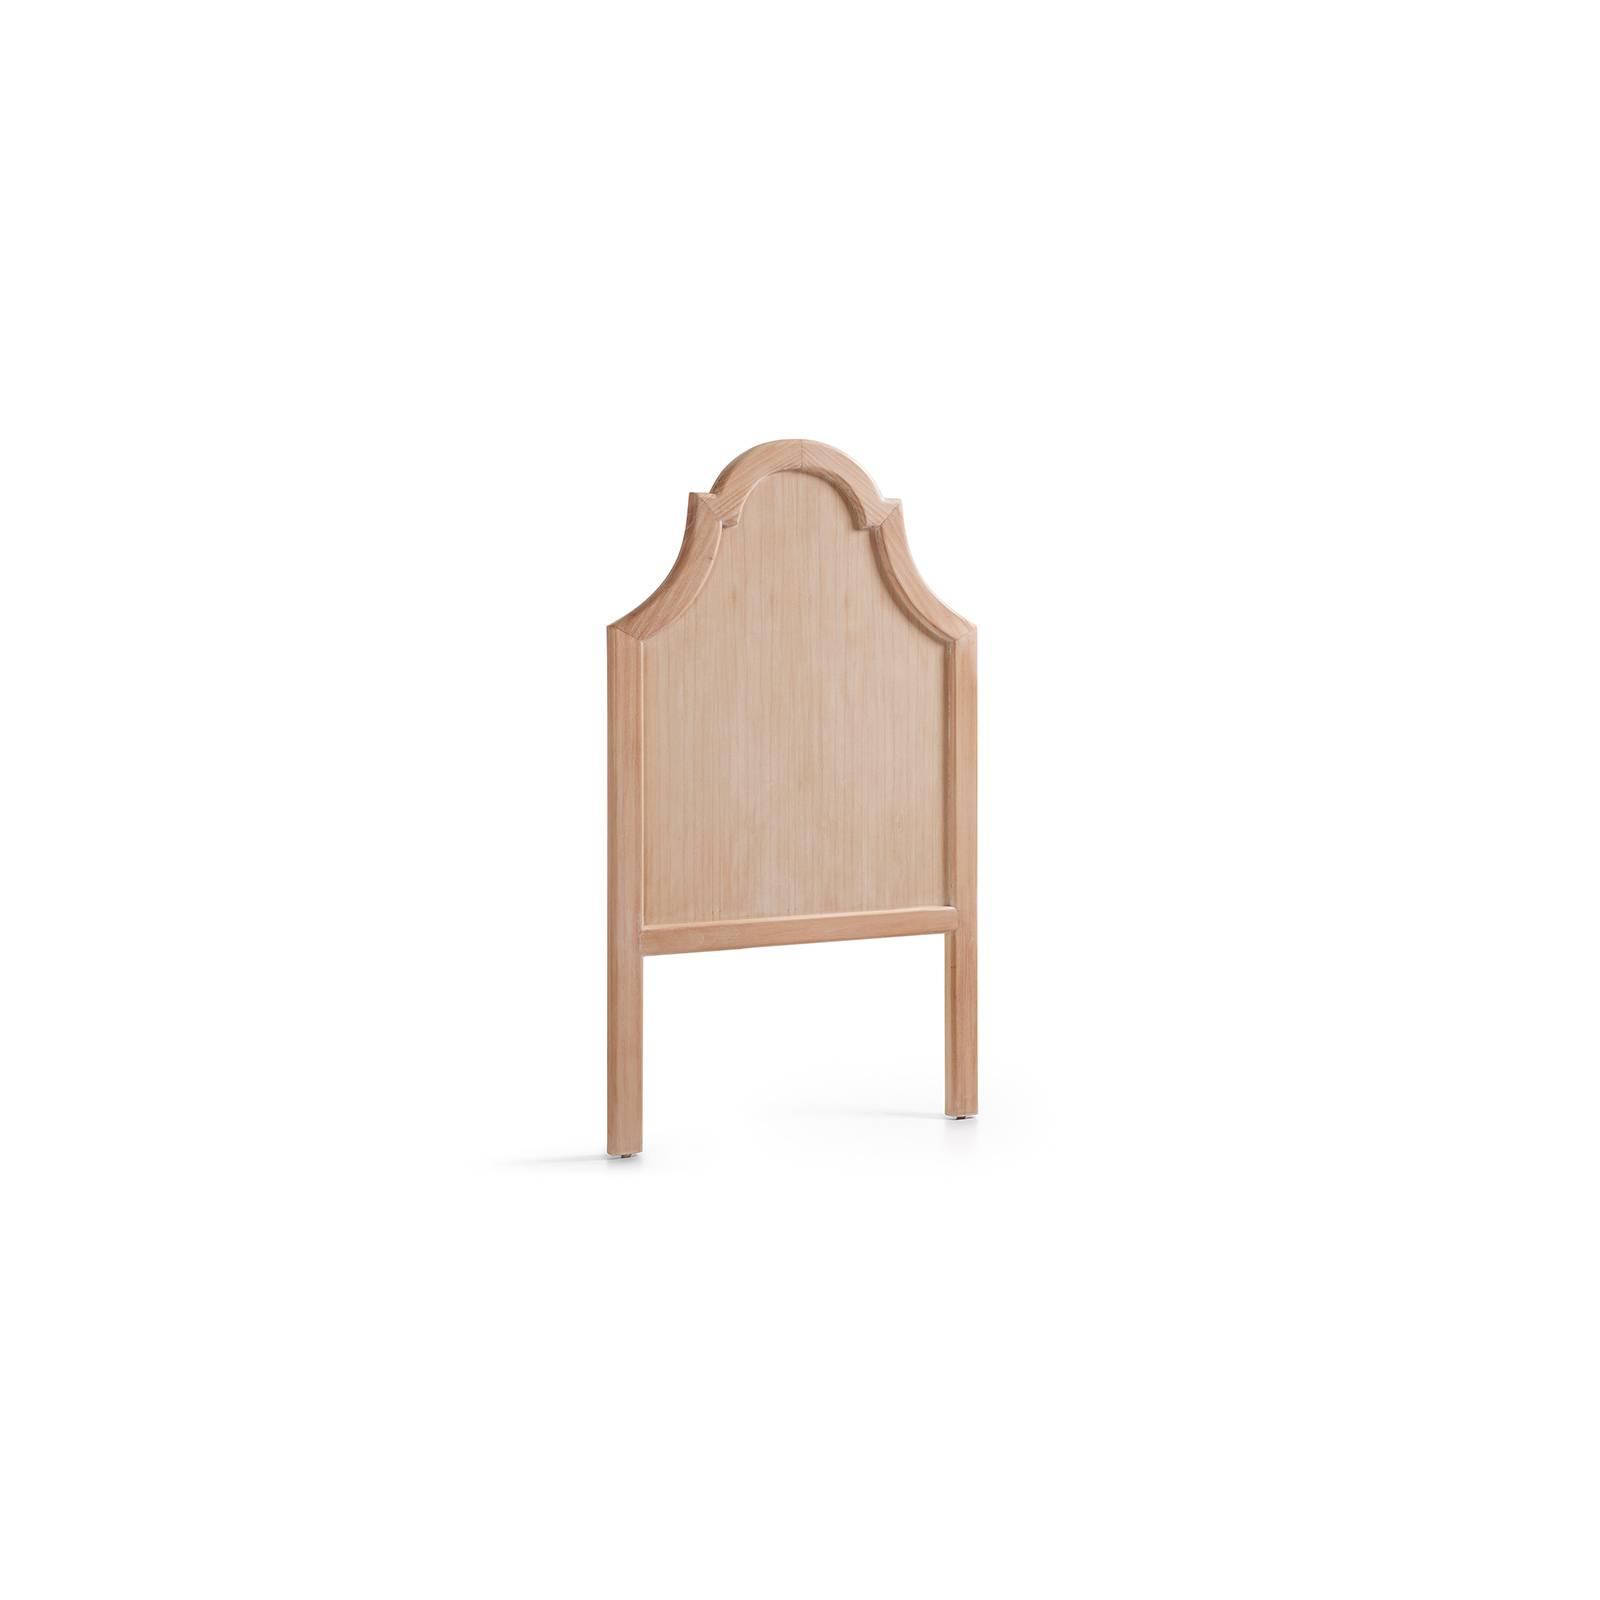 Tête De Lit Une Personne - meubles scandinaves